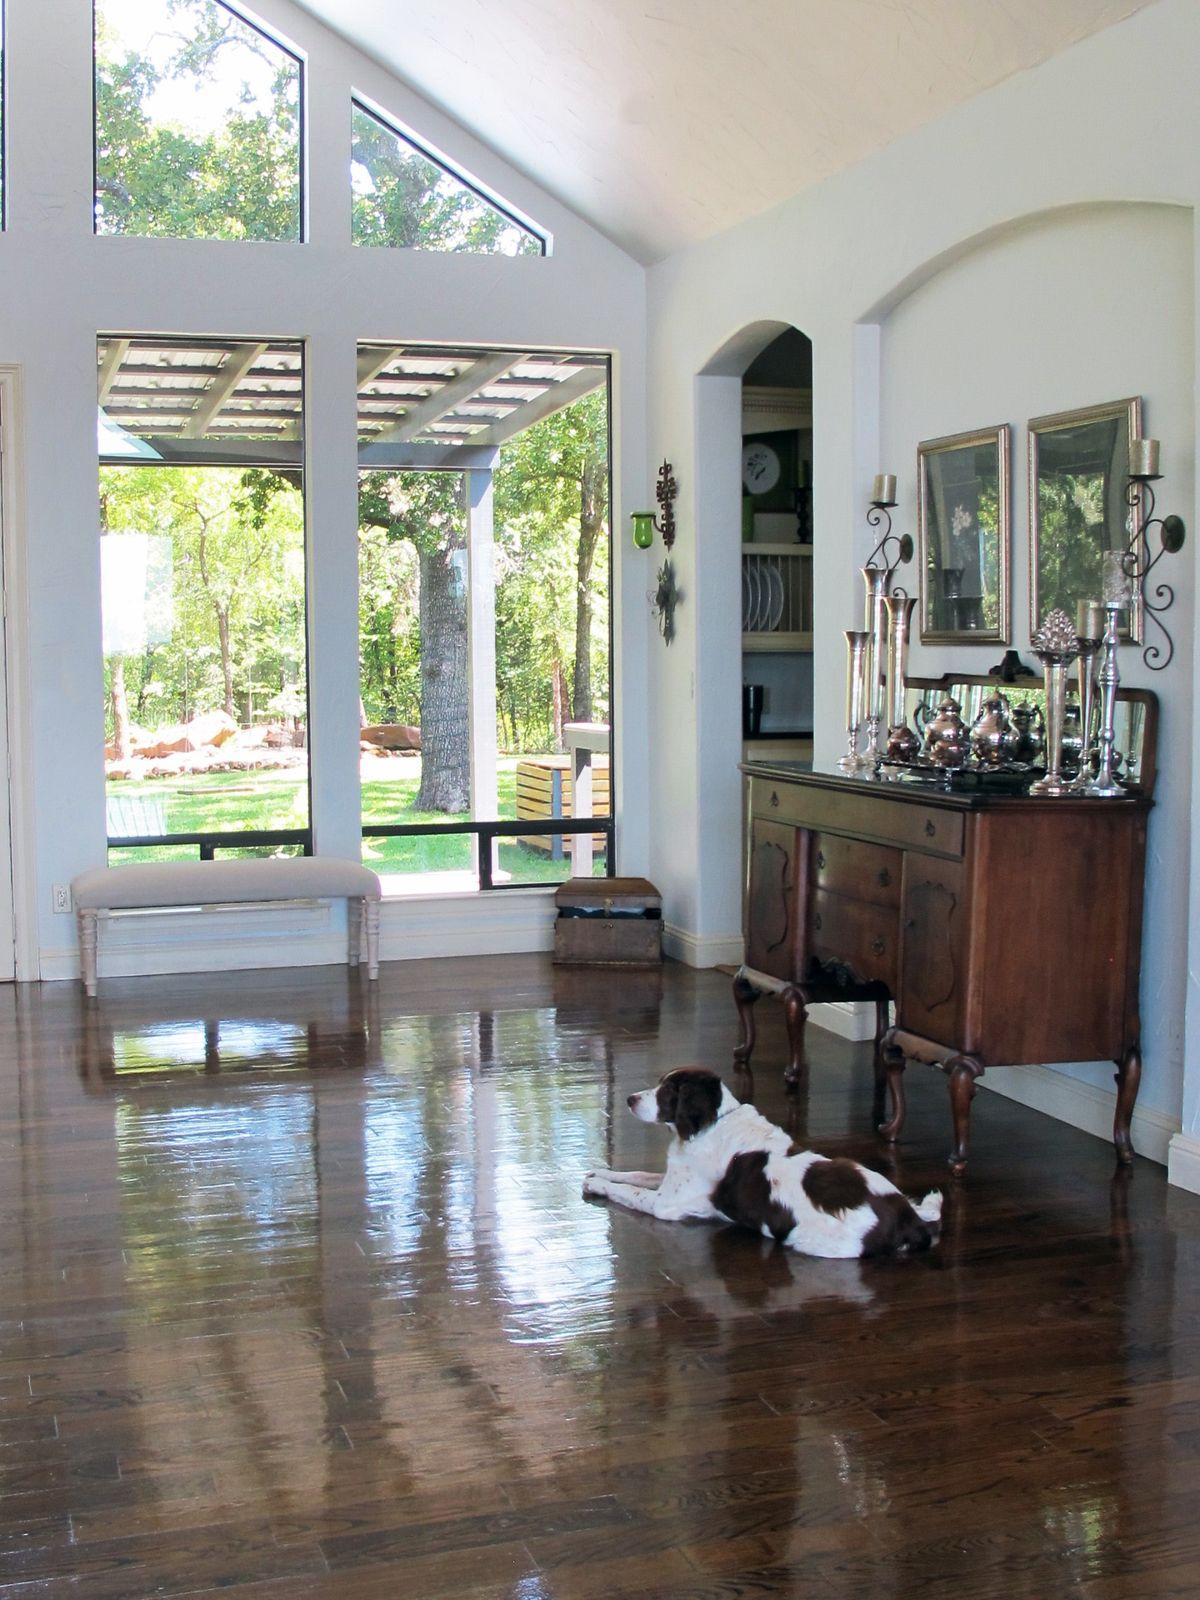 WDCT Venue Public Spaces  Photo Video Shoot Location Dallas 04.jpg